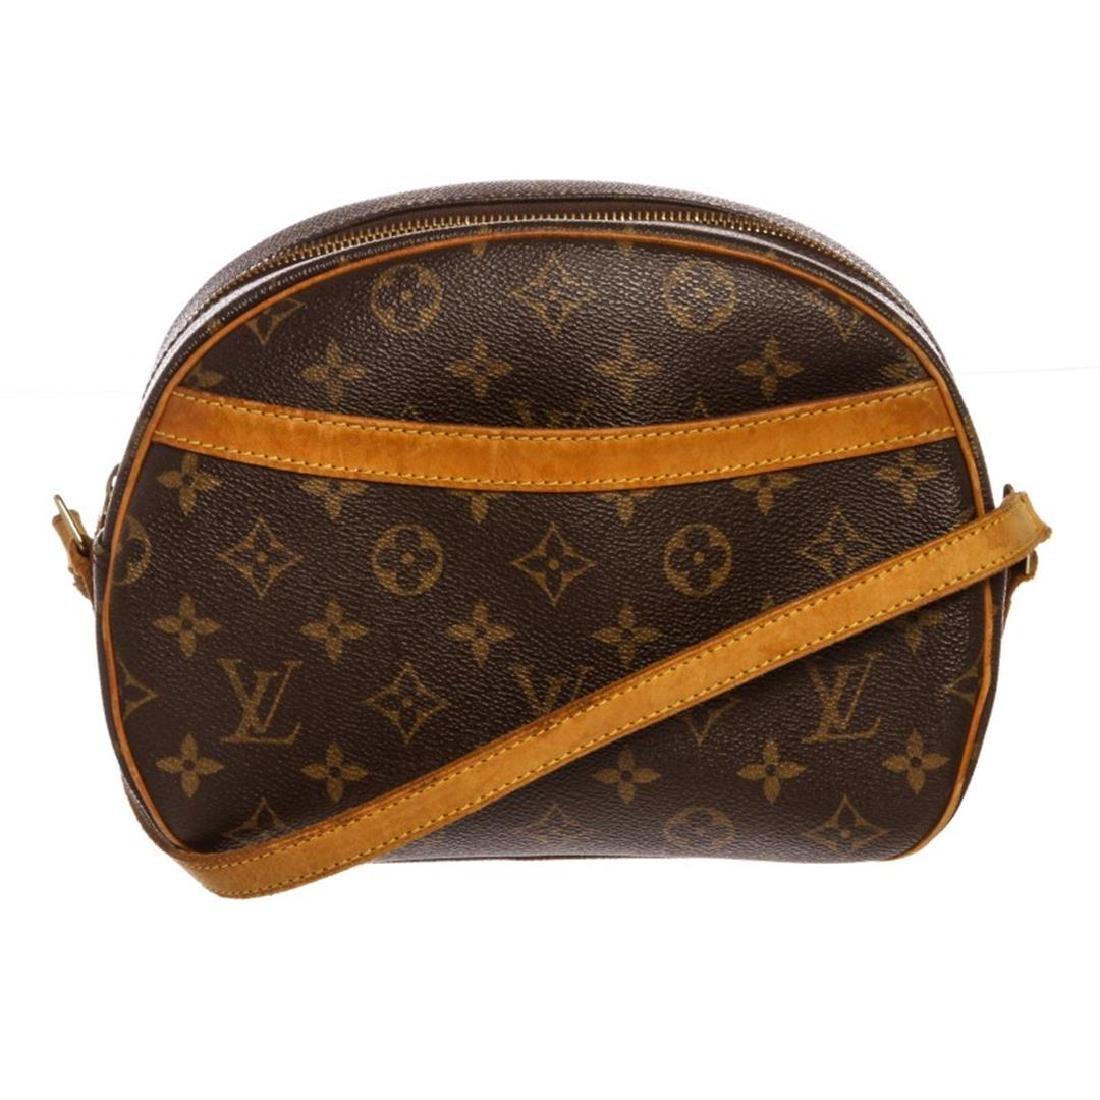 Louis Vuitton Monogram Canvas Leather Blois Crossbody